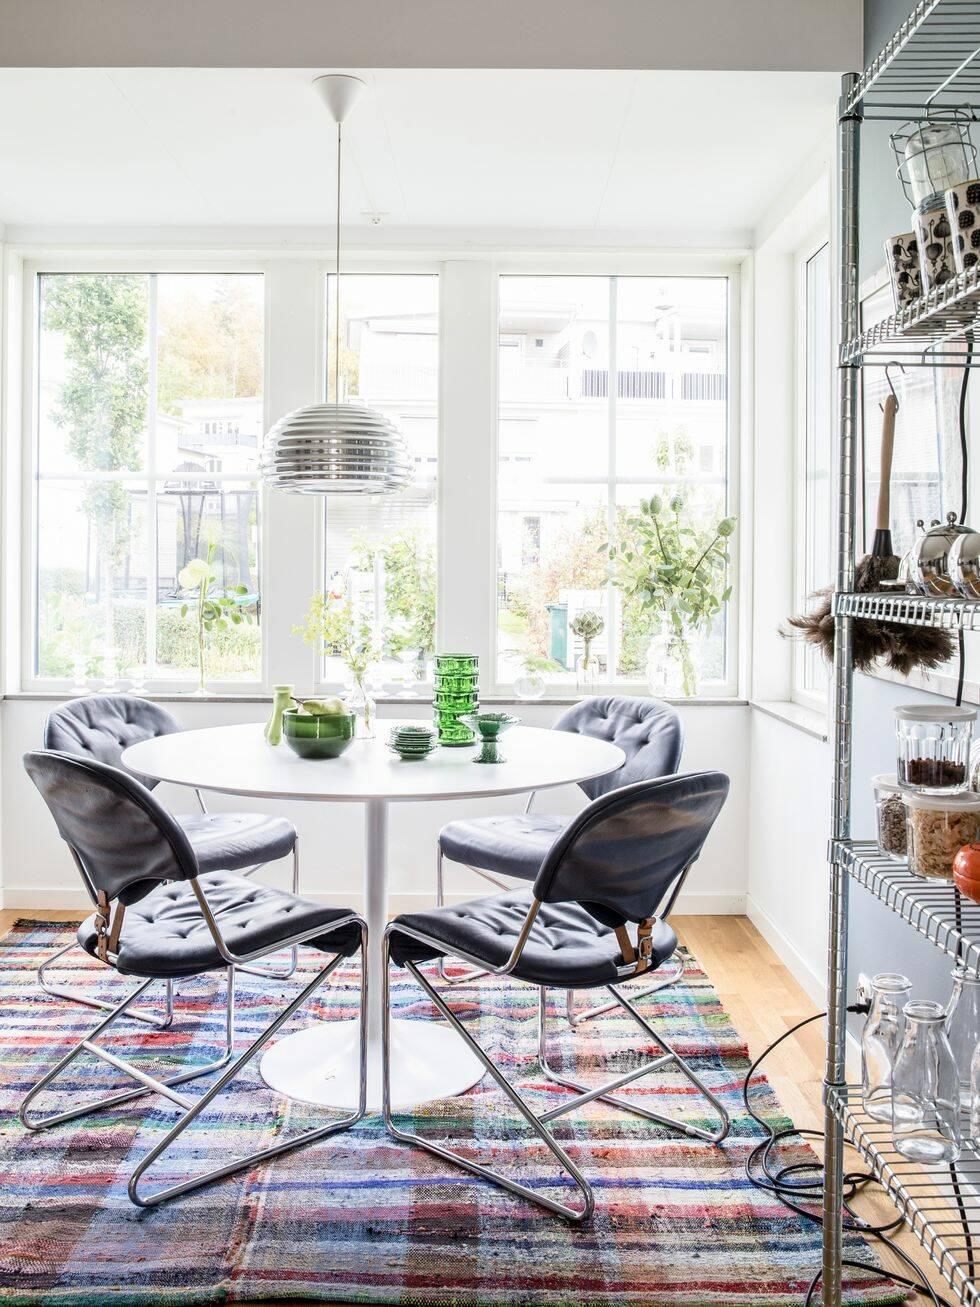 Veckans mest inspirerande hem: Färgstarka stilkrockar i radhuset